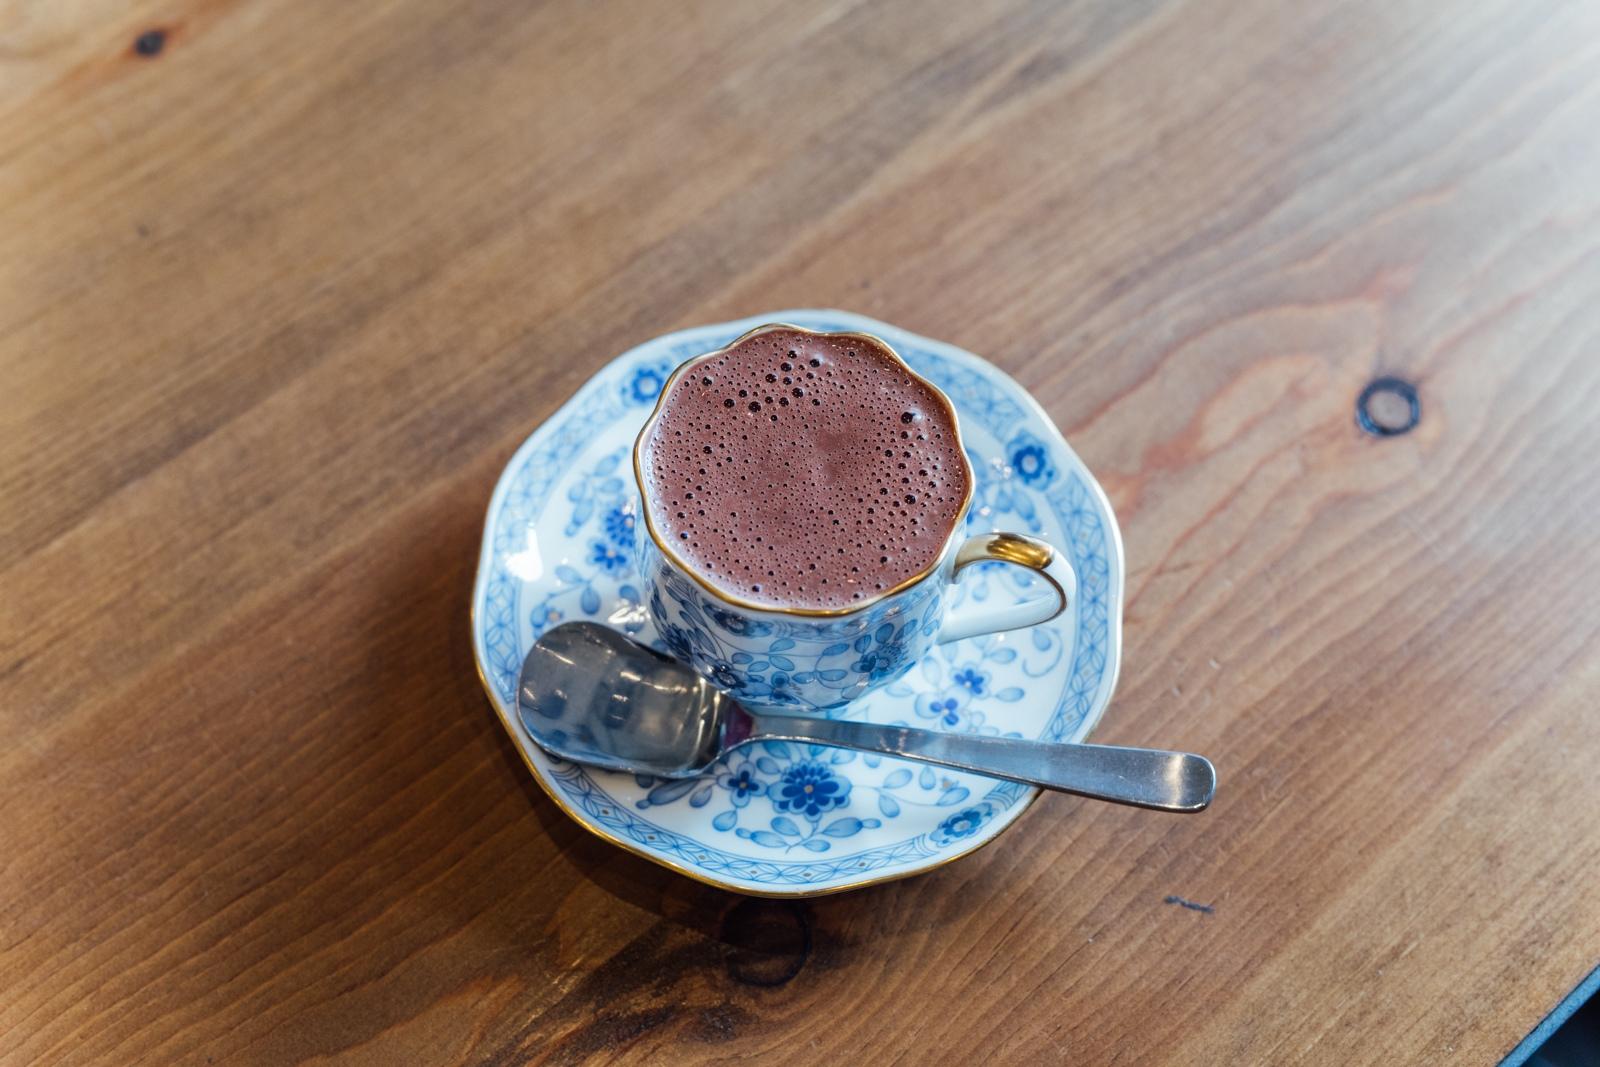 チョコレートは人を幸せにする― 「TribalCacao」若き店主の飽くなき探究心